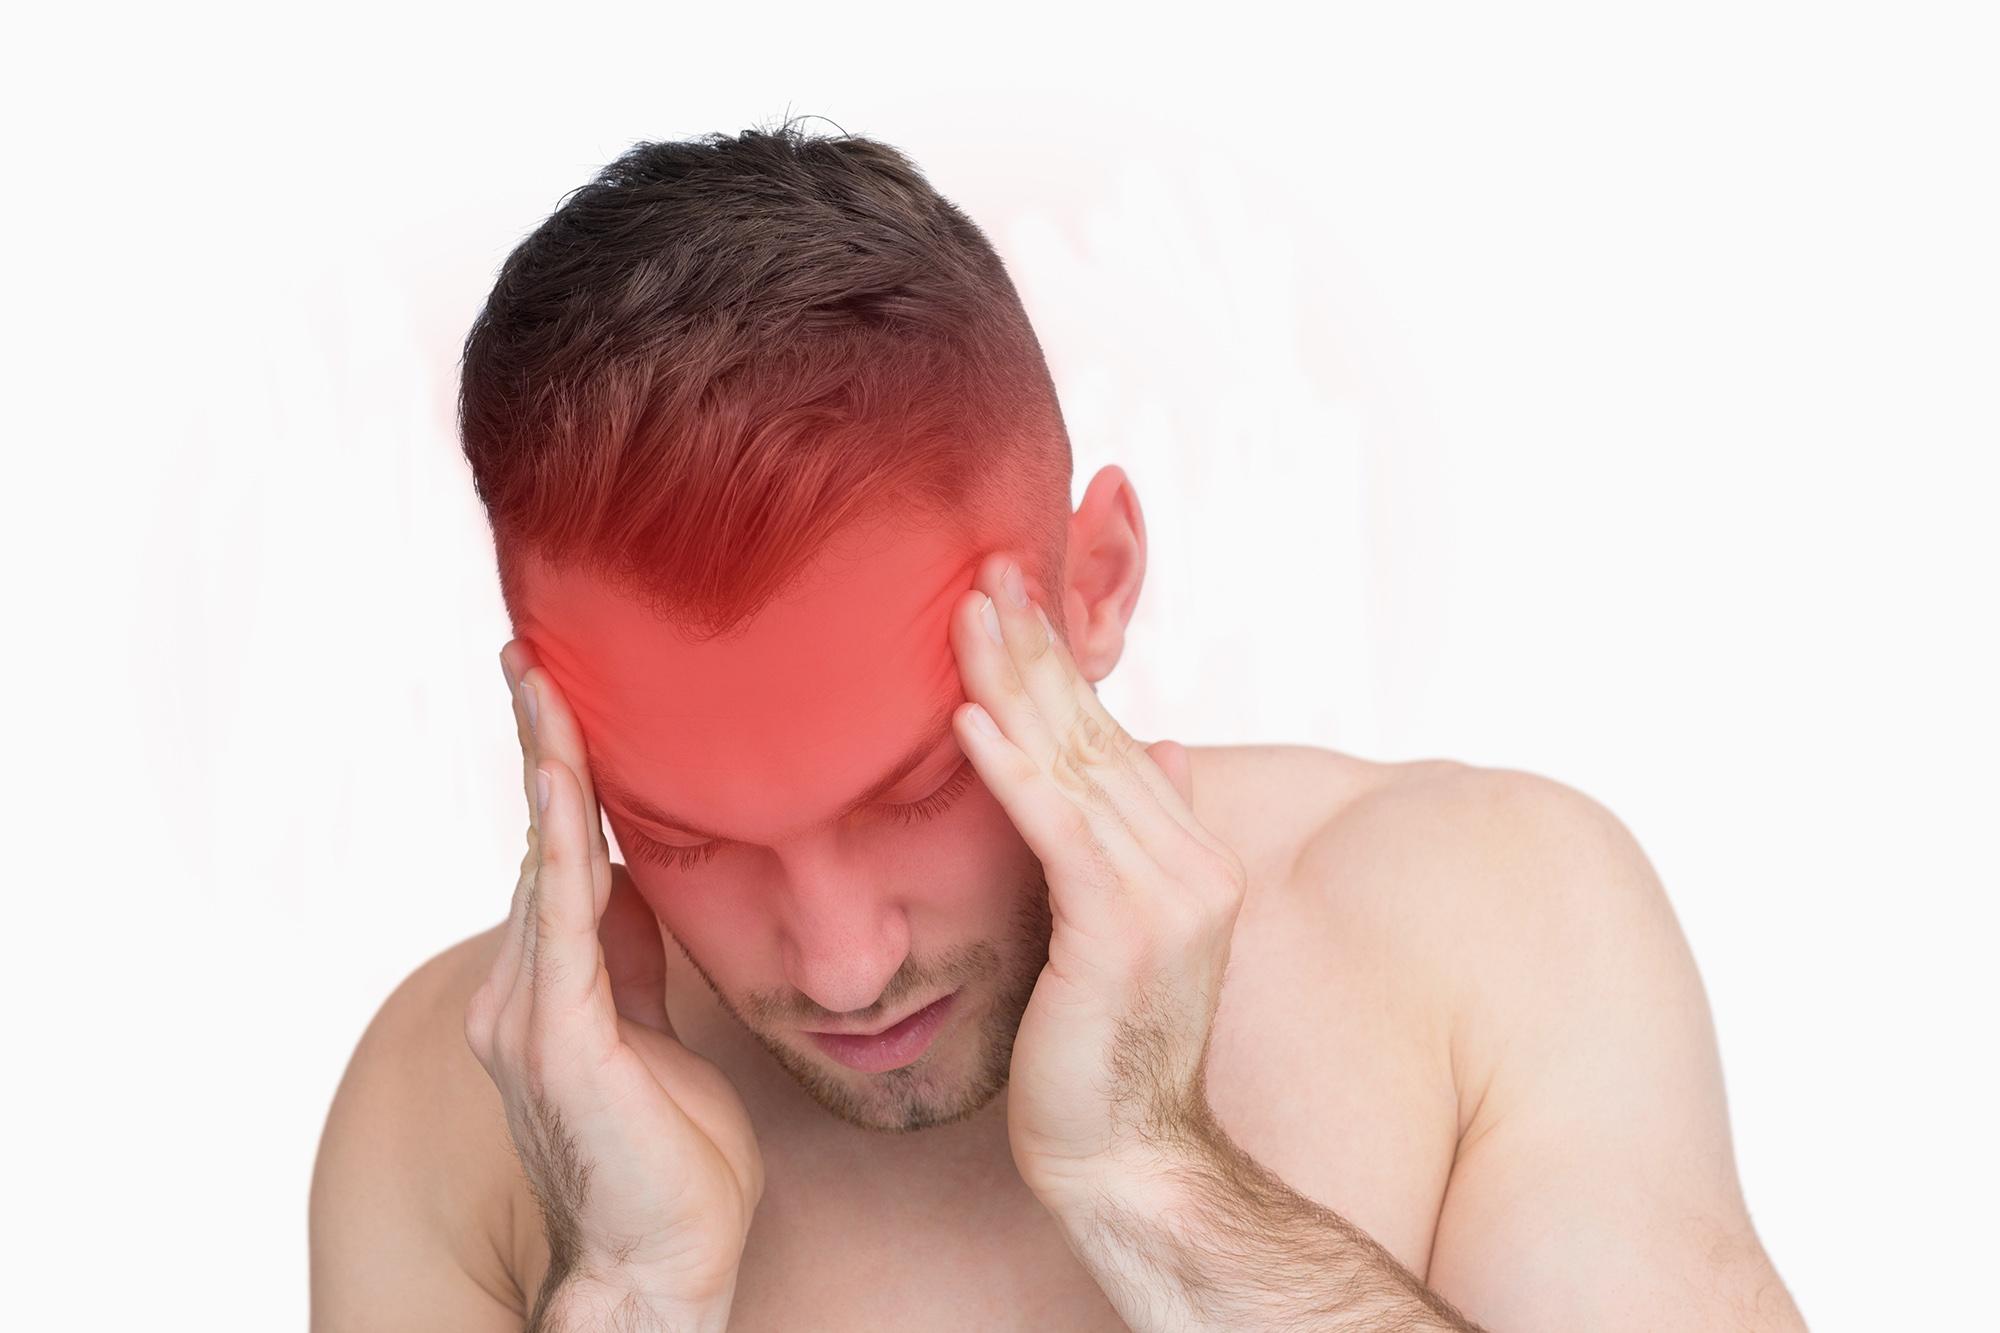 Банные заморочки: почему наследующее утро после похода вбаню болит голова? (3фото)